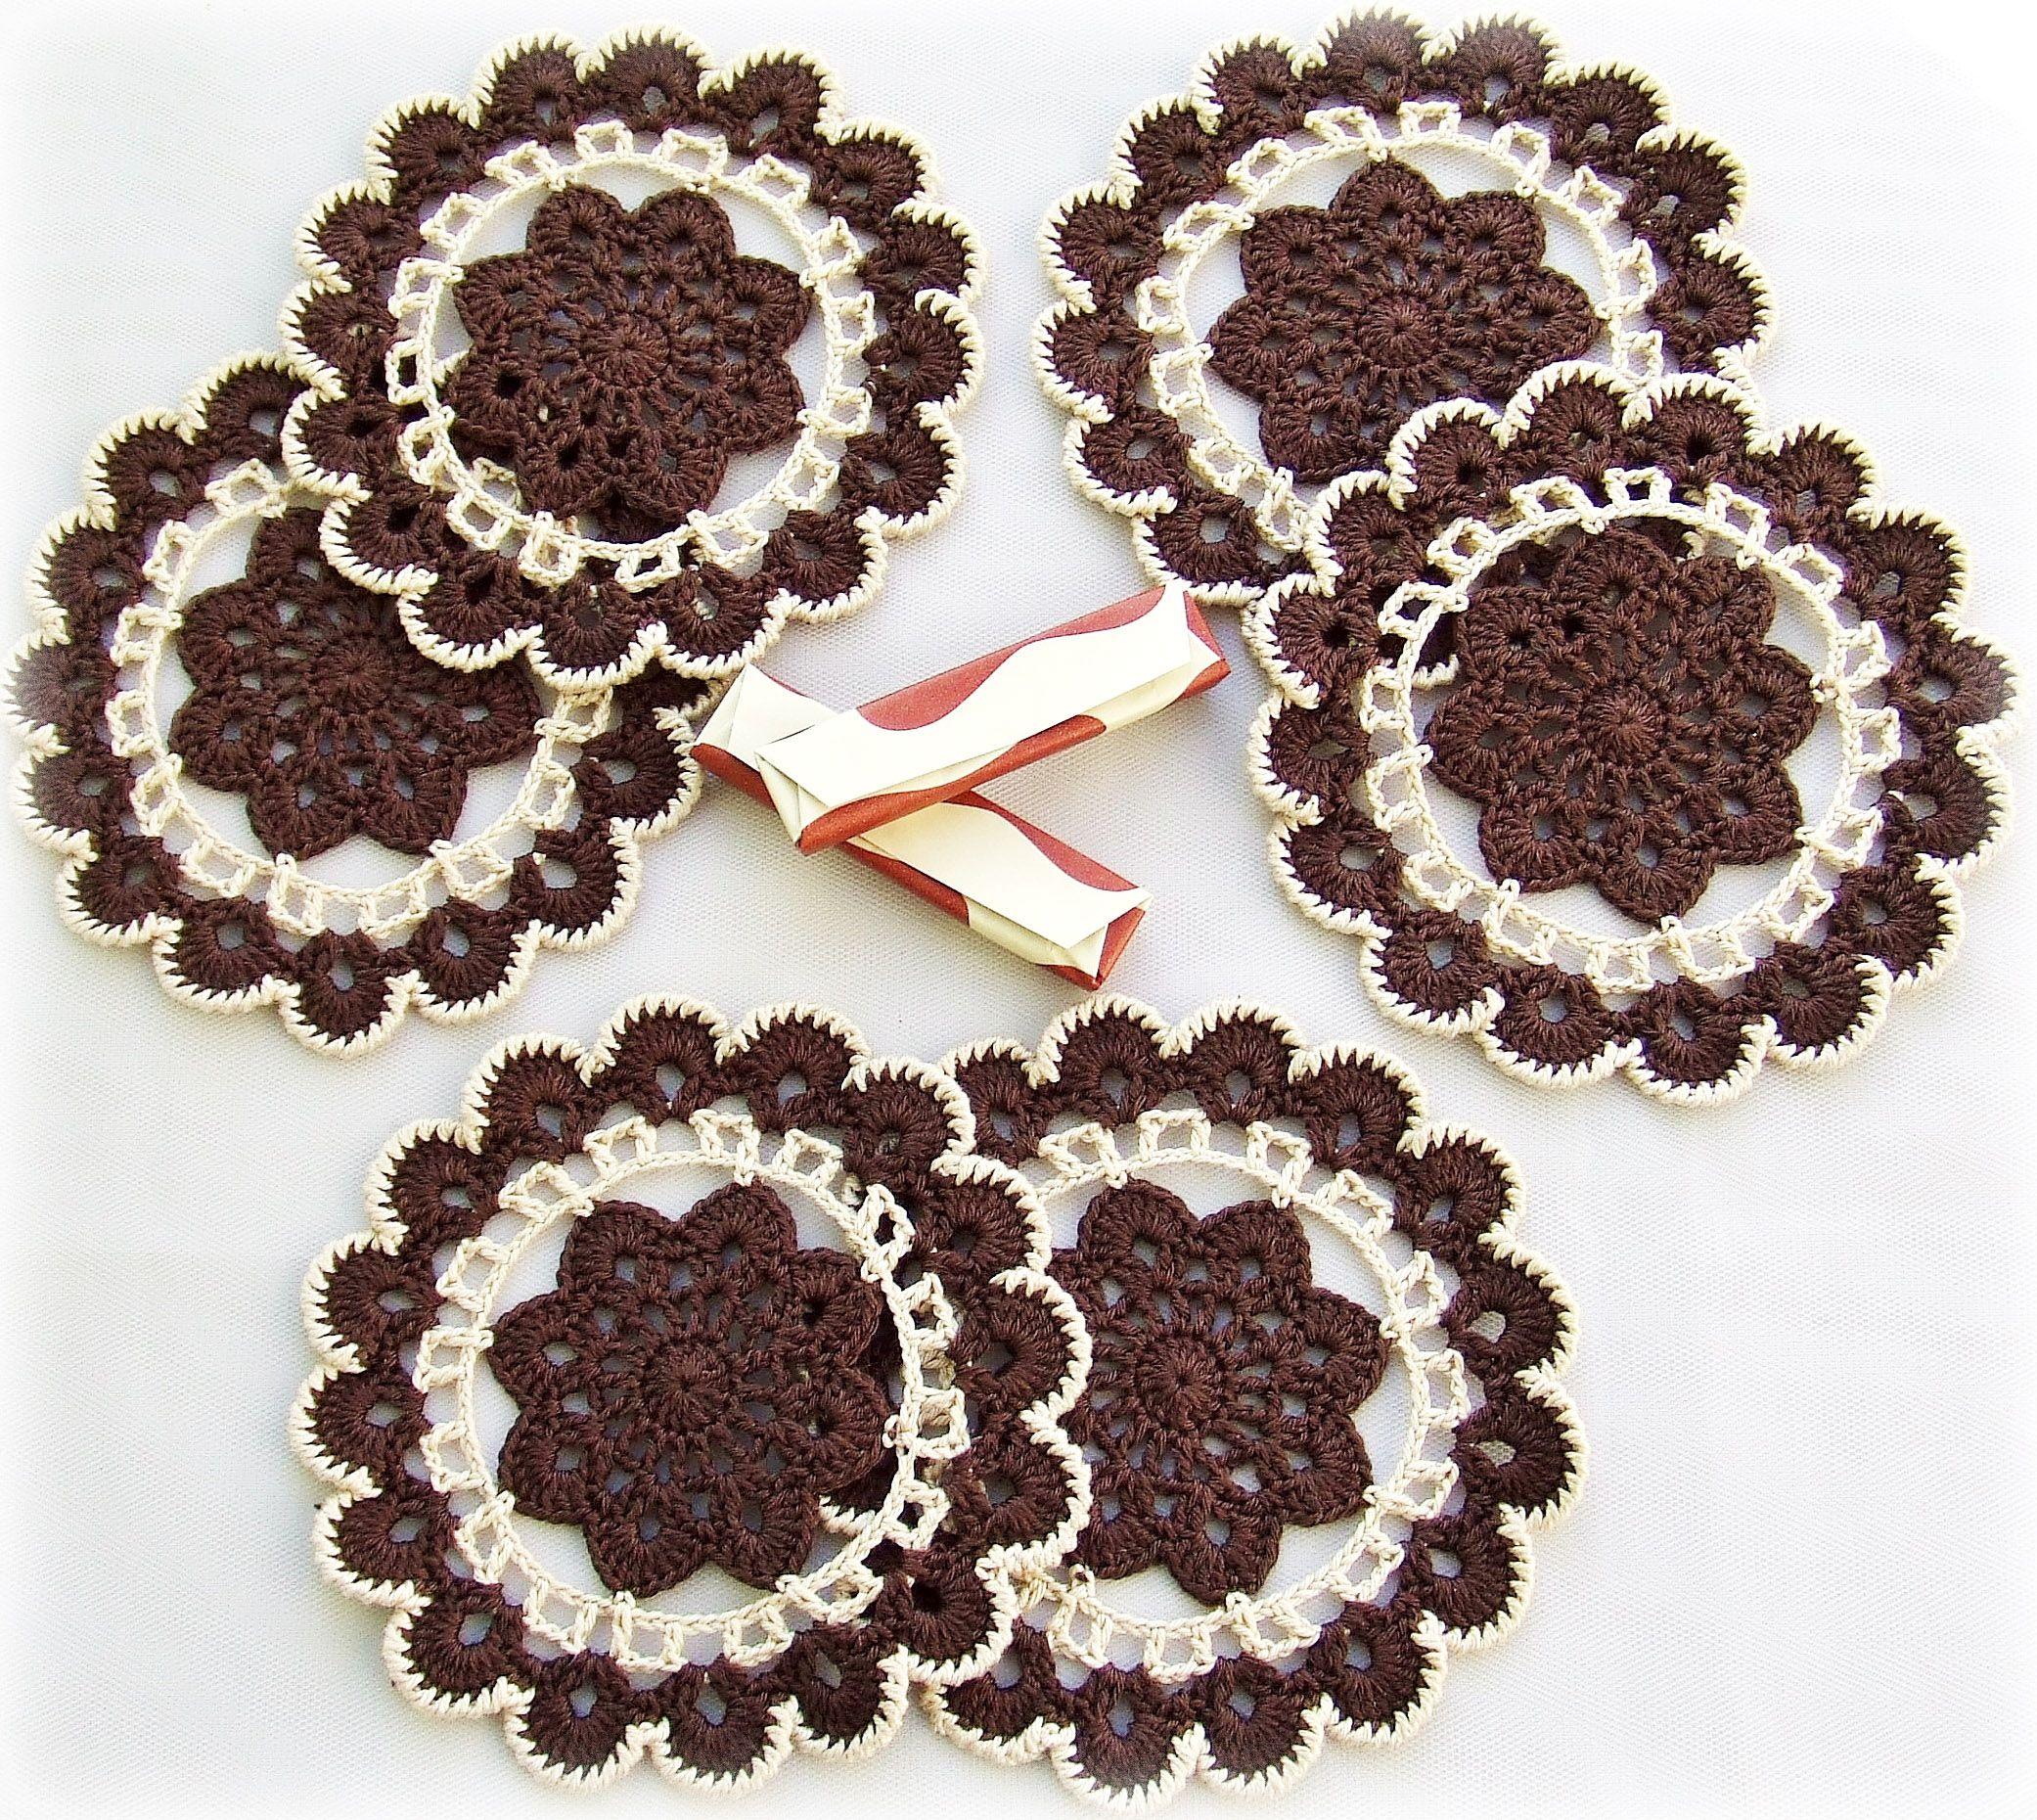 шоколадный под подставки горячее украшение декор вязание крючком подарок весна